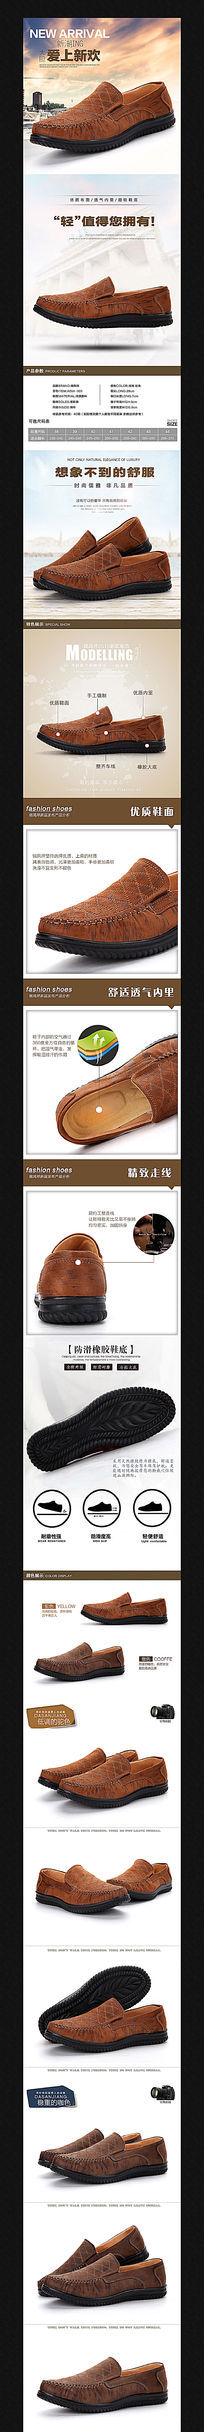 淘宝天猫男士皮鞋详情页描述模板